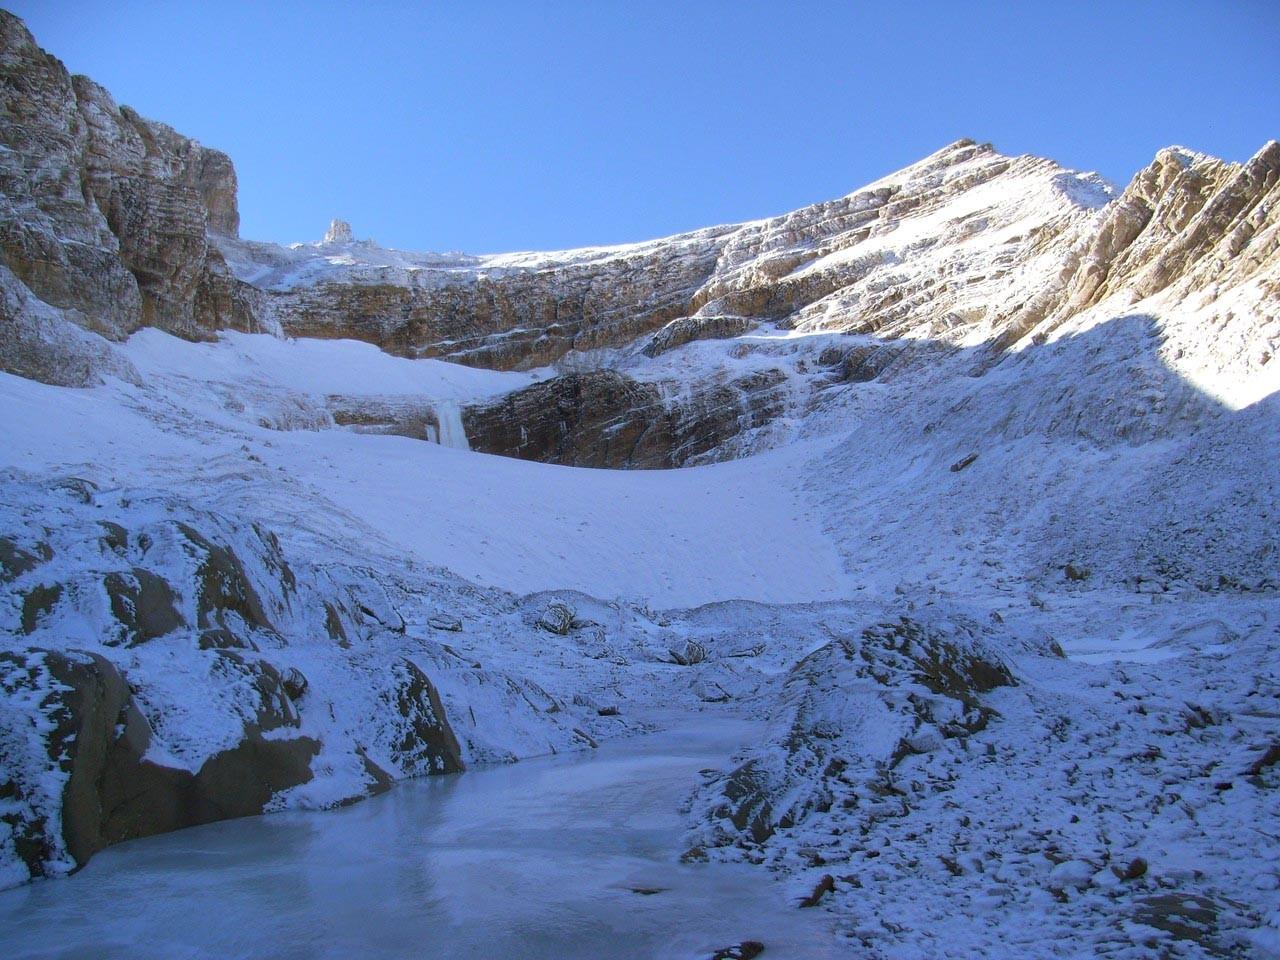 Le cirque du glacier du Taillon et ses cascades